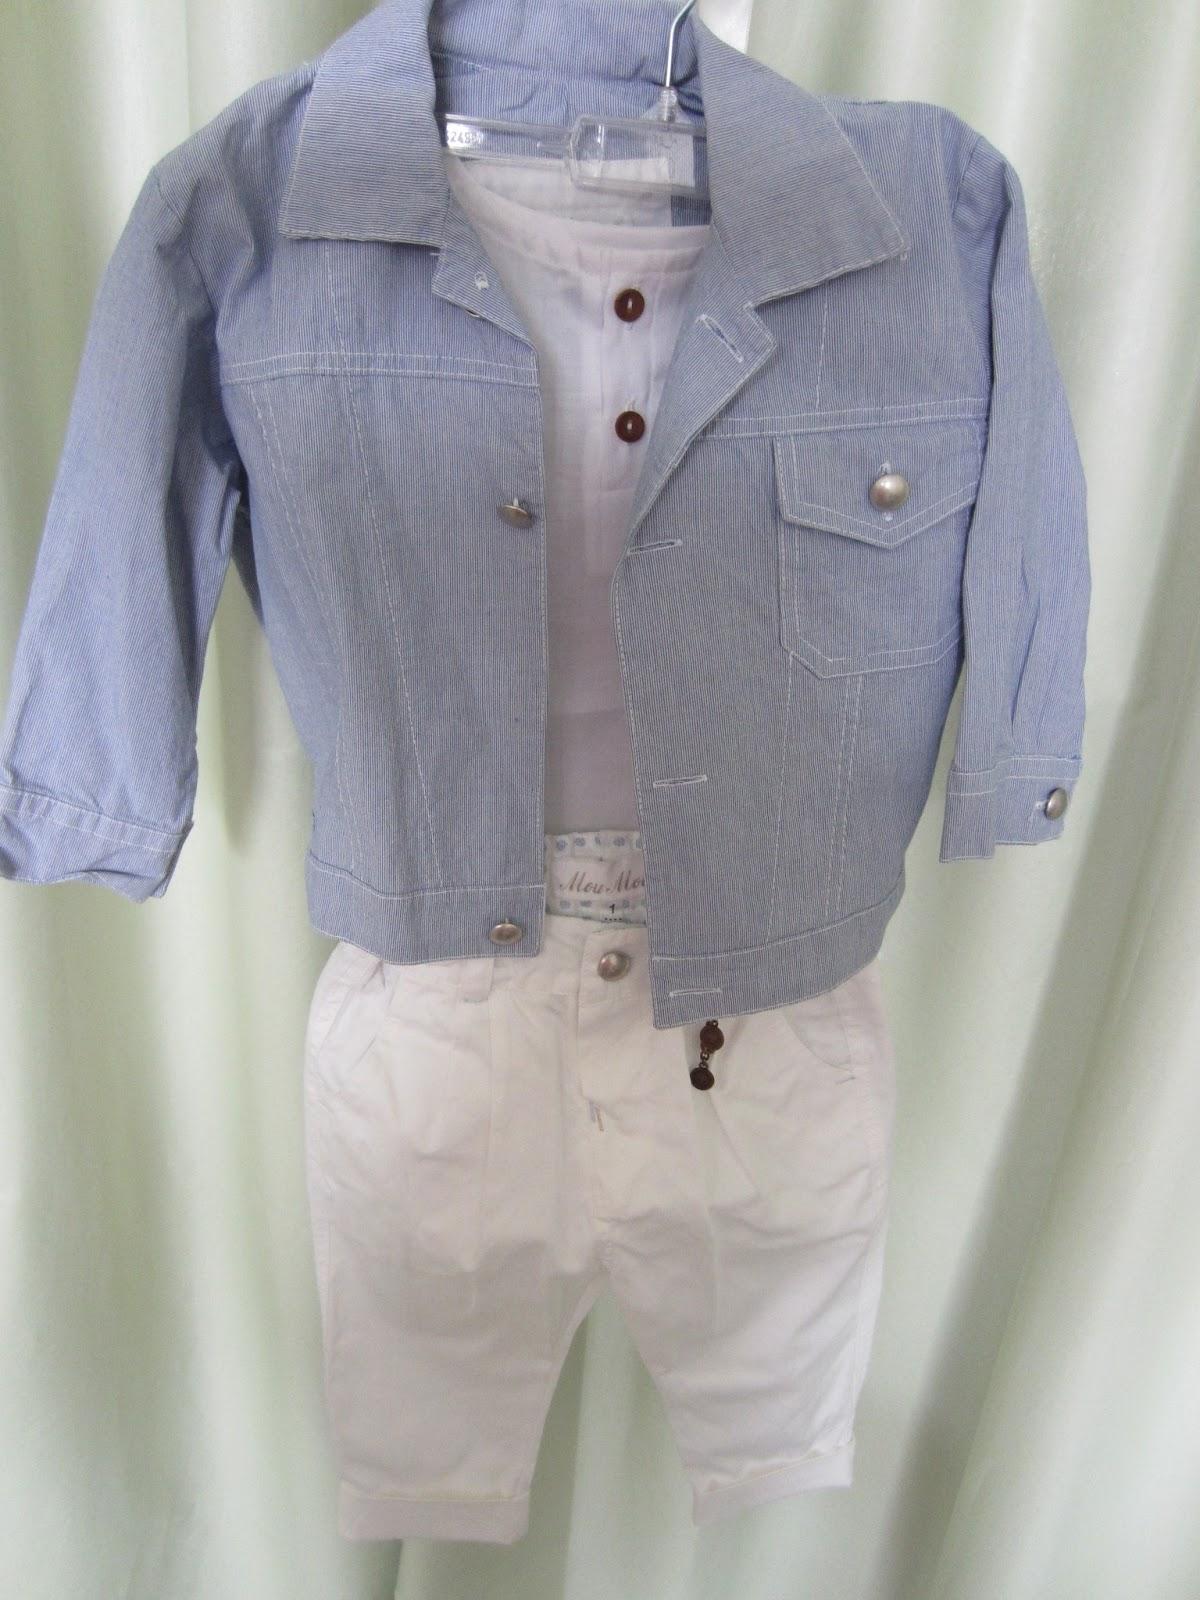 3b5b88b5bcc Παντελόνι, πουκαμίσα, σακάκι και καπέλο. Νο 1. Τιμή: 60 ευρώ.